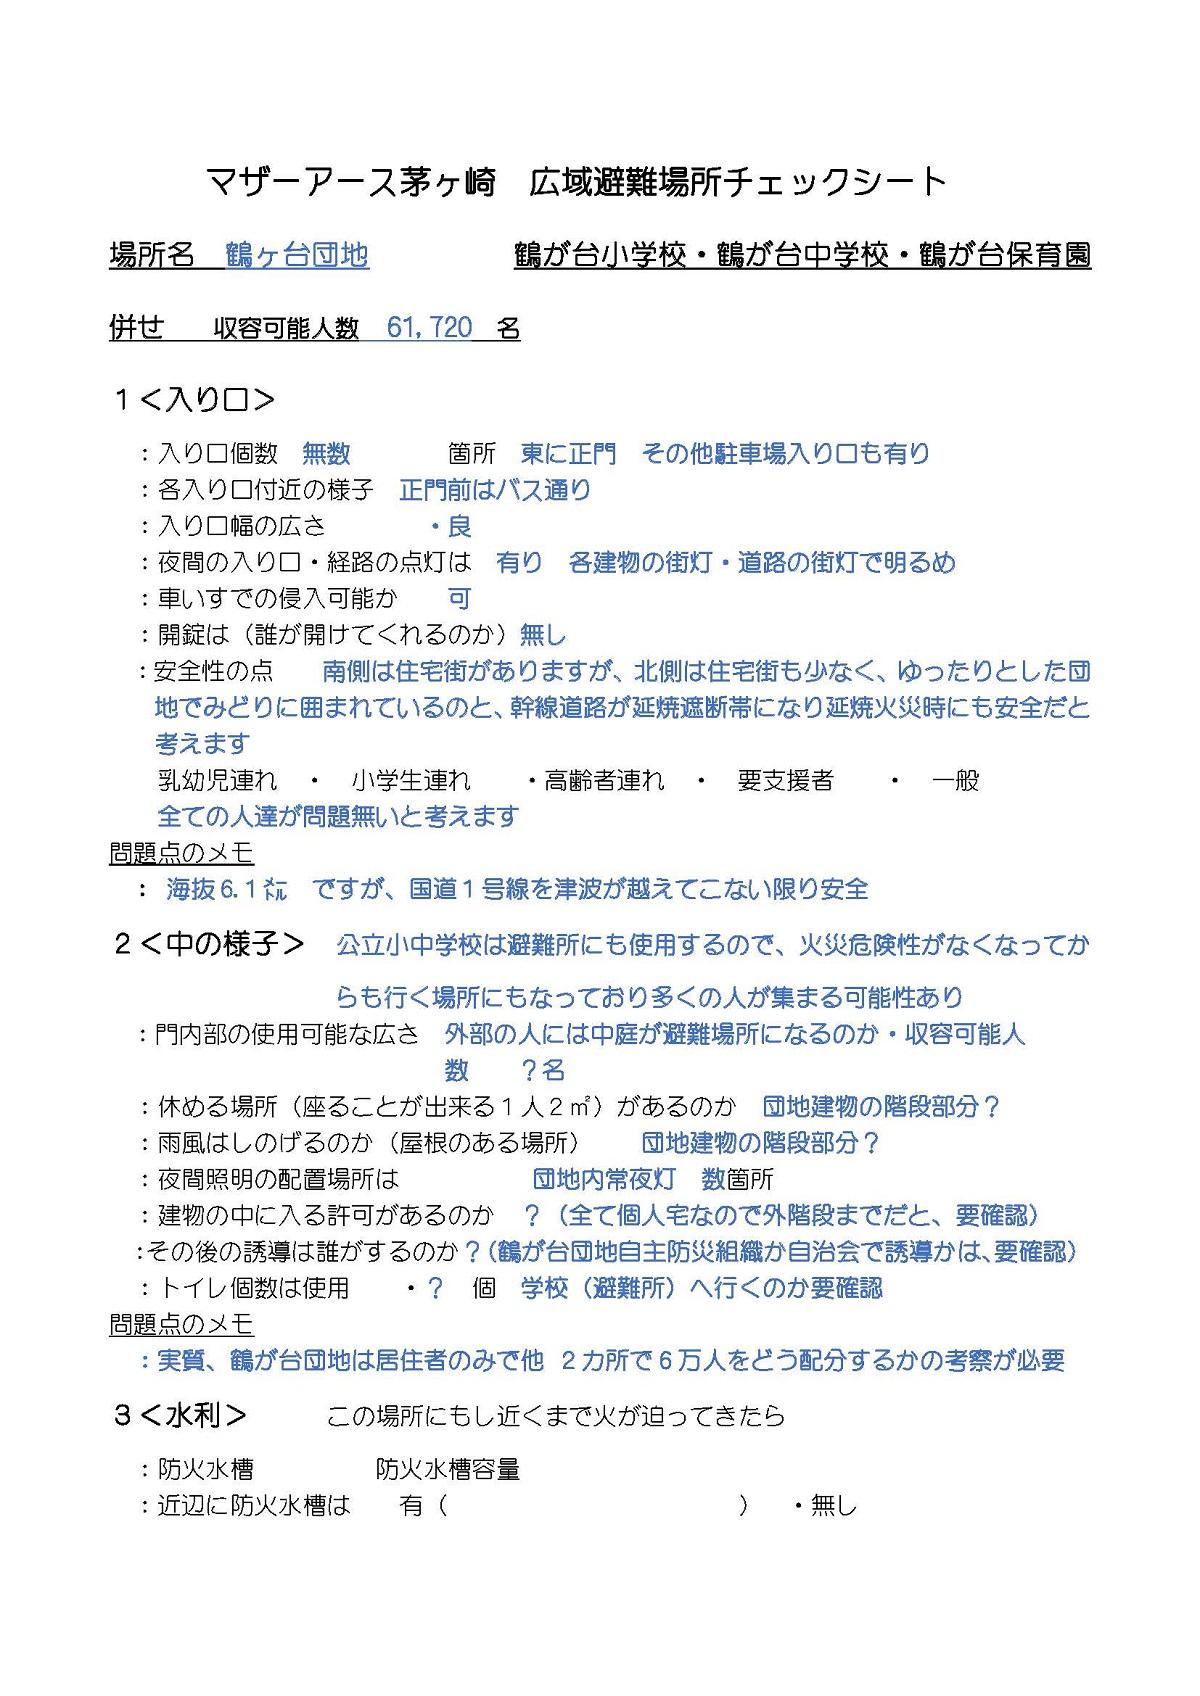 103・104新ー鶴が台団地ーマザーアース広域避難場所チェックシート_ページ_1